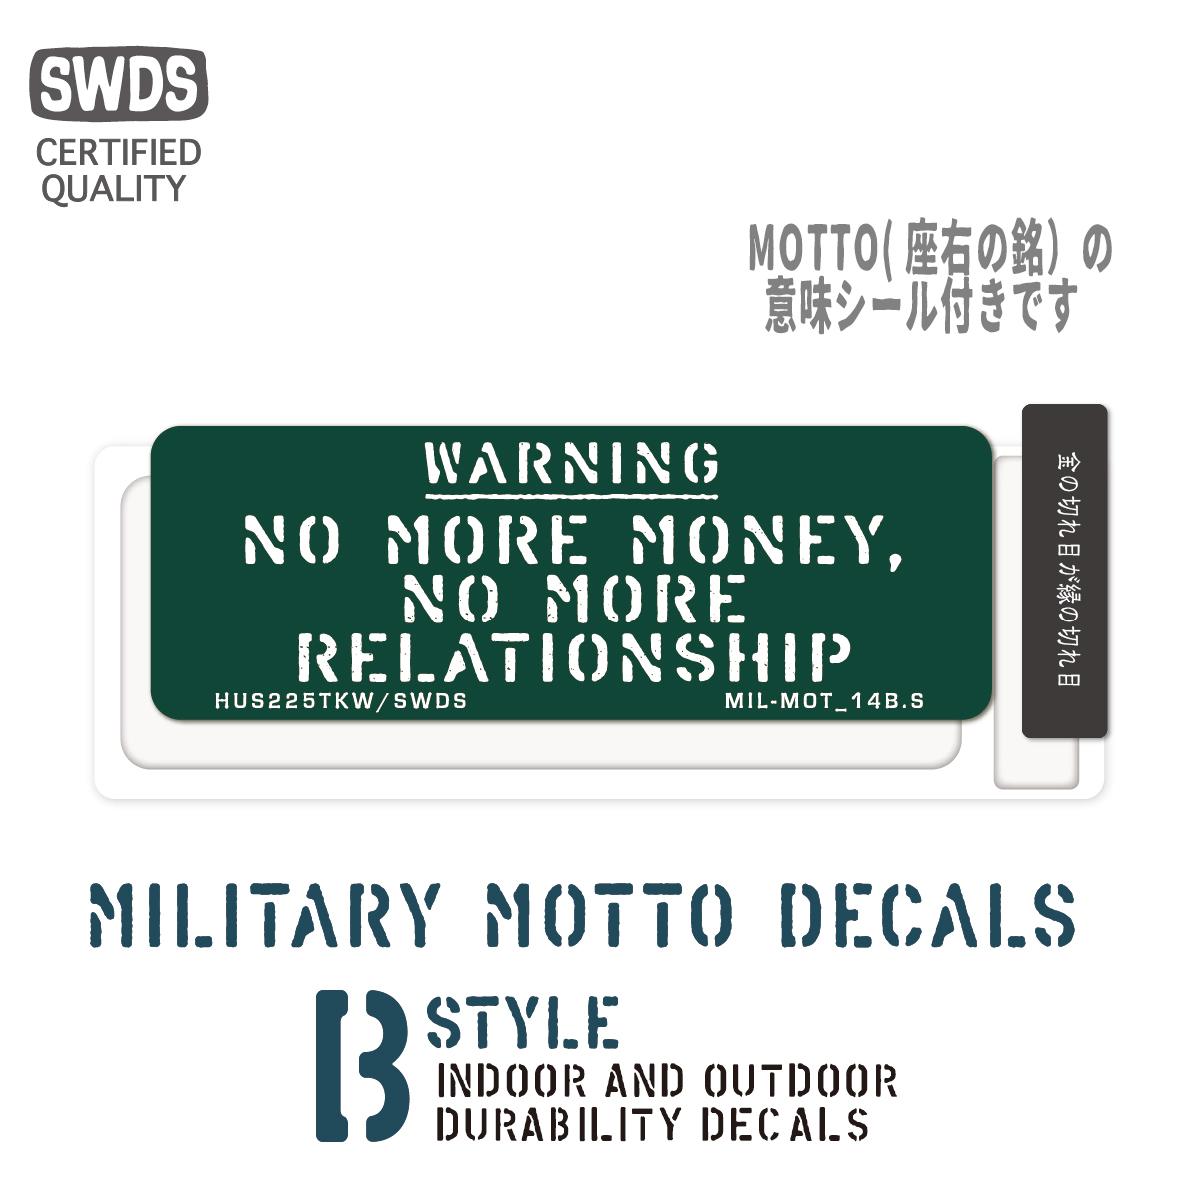 MIL-MOTB-S-014S